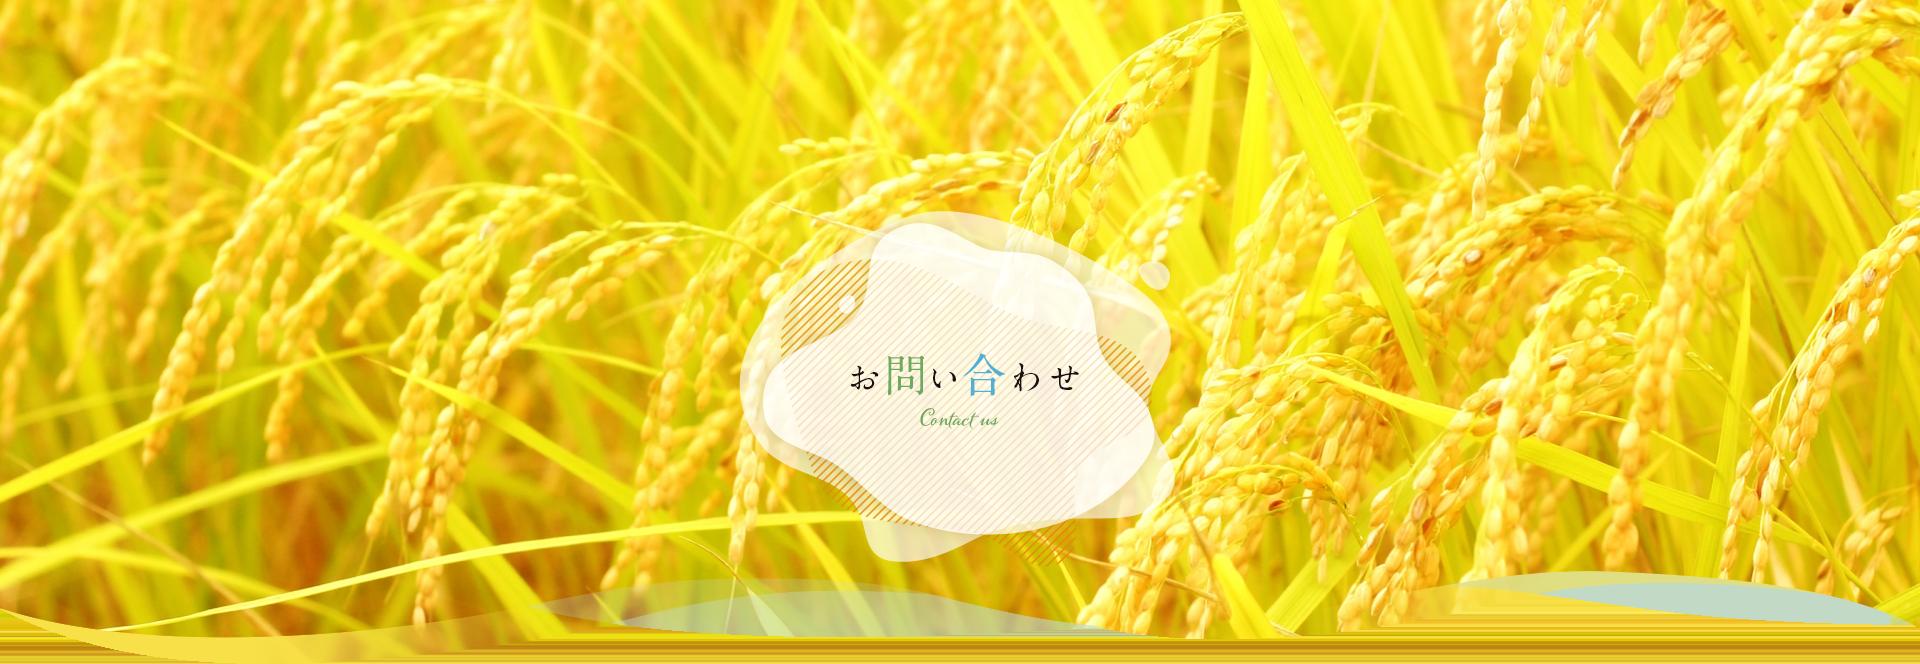 お問い合わせ|米油から健康的に【三和油脂株式会社】